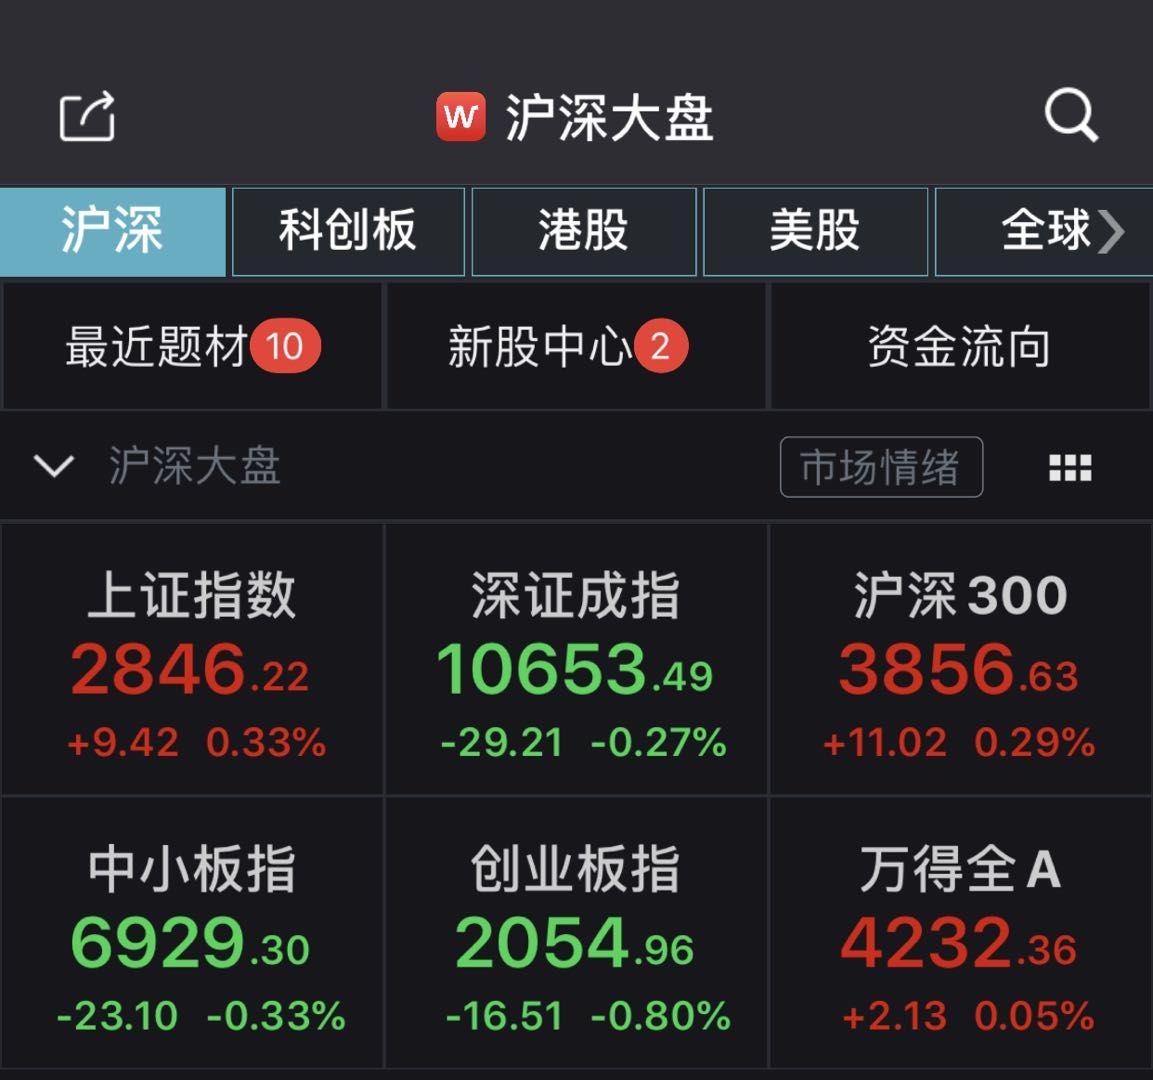 沪指震荡翻红收涨0.33% 稀土板块掀涨停潮